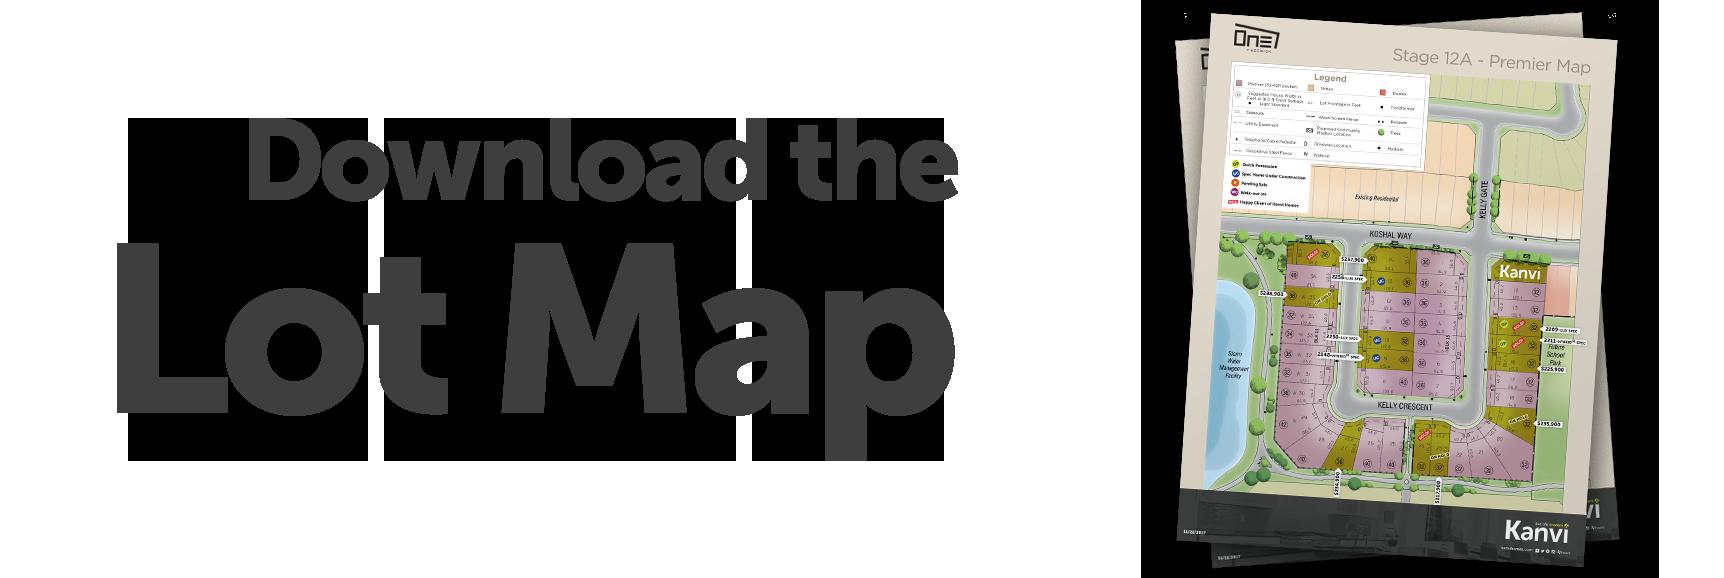 One-at-Keswick-Lot-Map.png